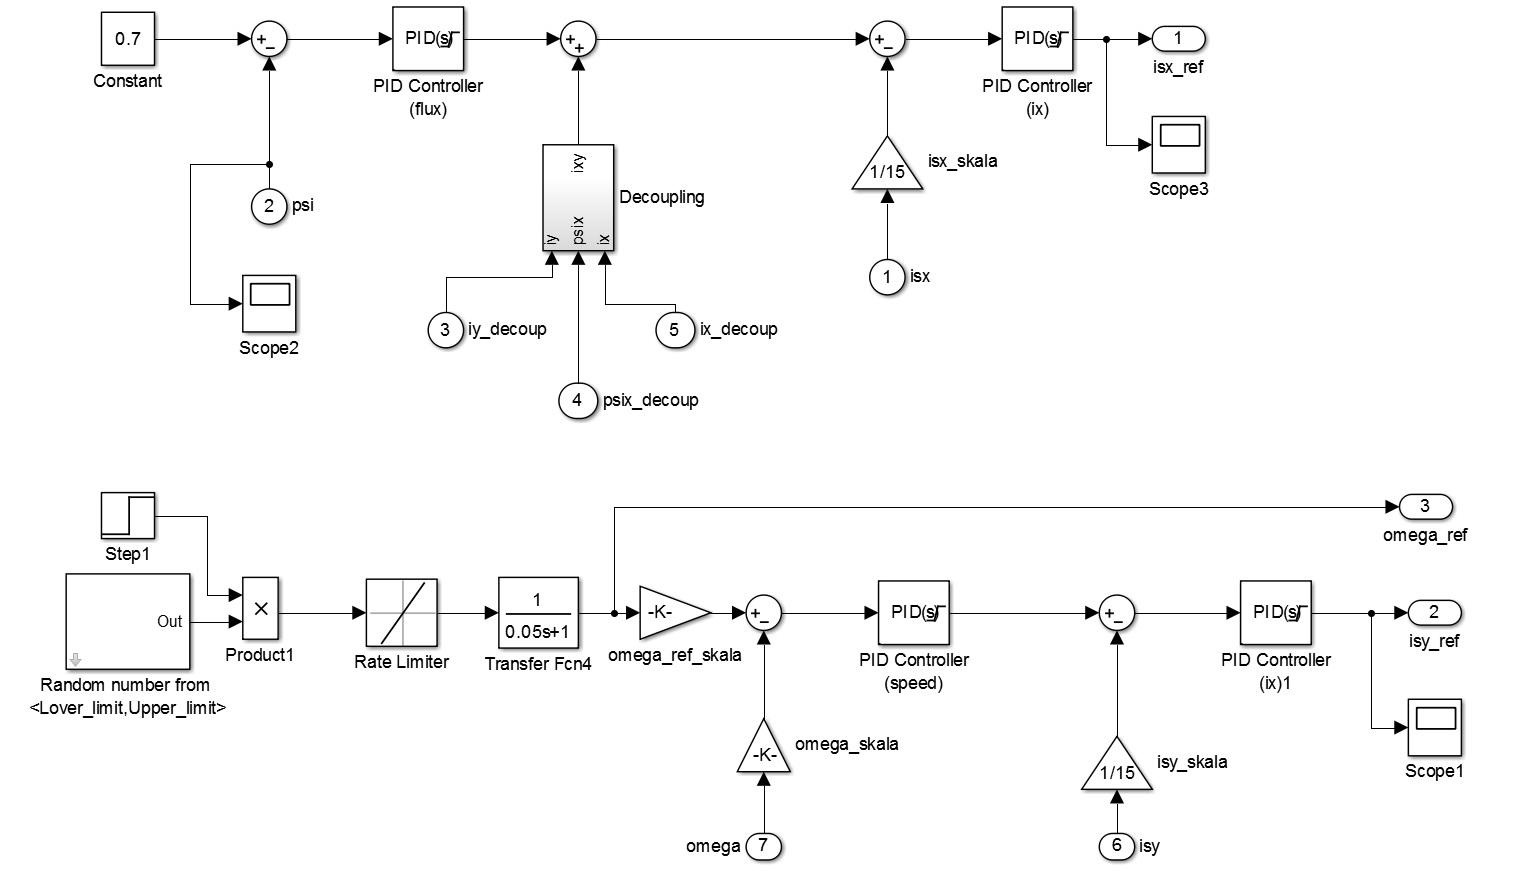 شبیه سازی موتور القایی و کنترل سرعت آن به روش بدون سنسور مبتنی بر تخمین گر (با استفاده از شبکه های عصبی)3